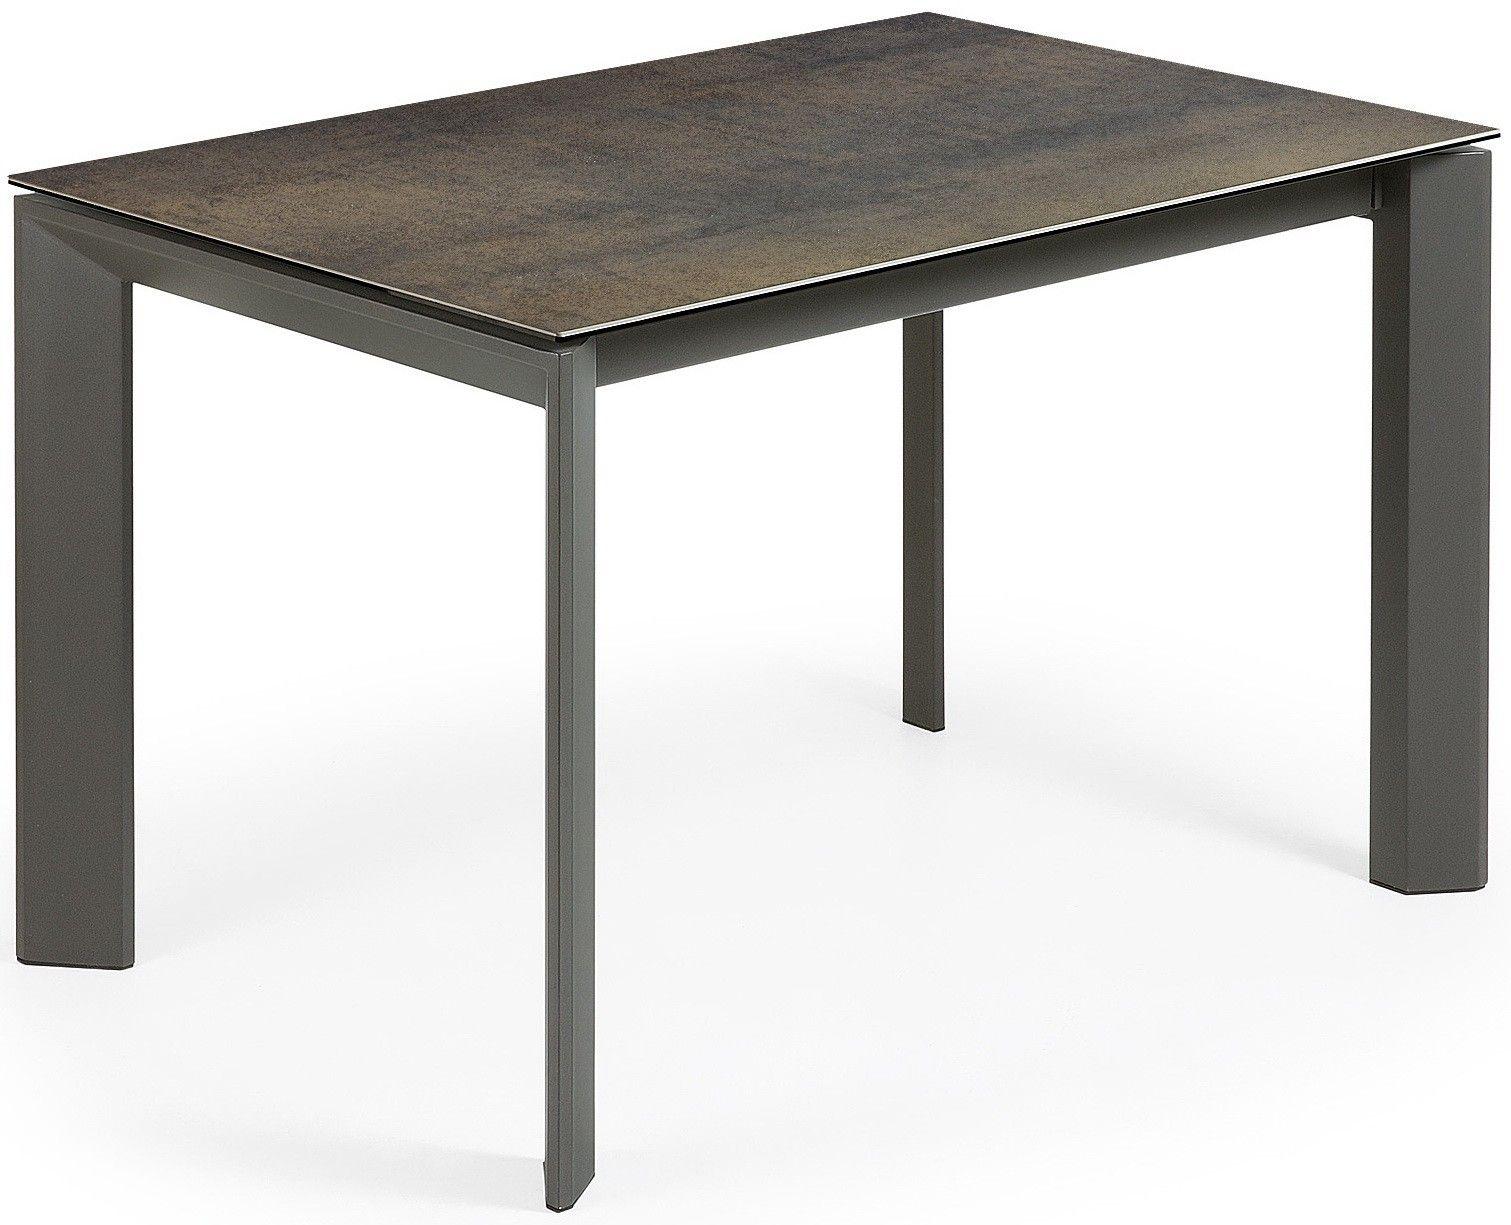 Tavolo Allargabile ~ Sobrio e lineare tavolo allungabile con un piano in vetro